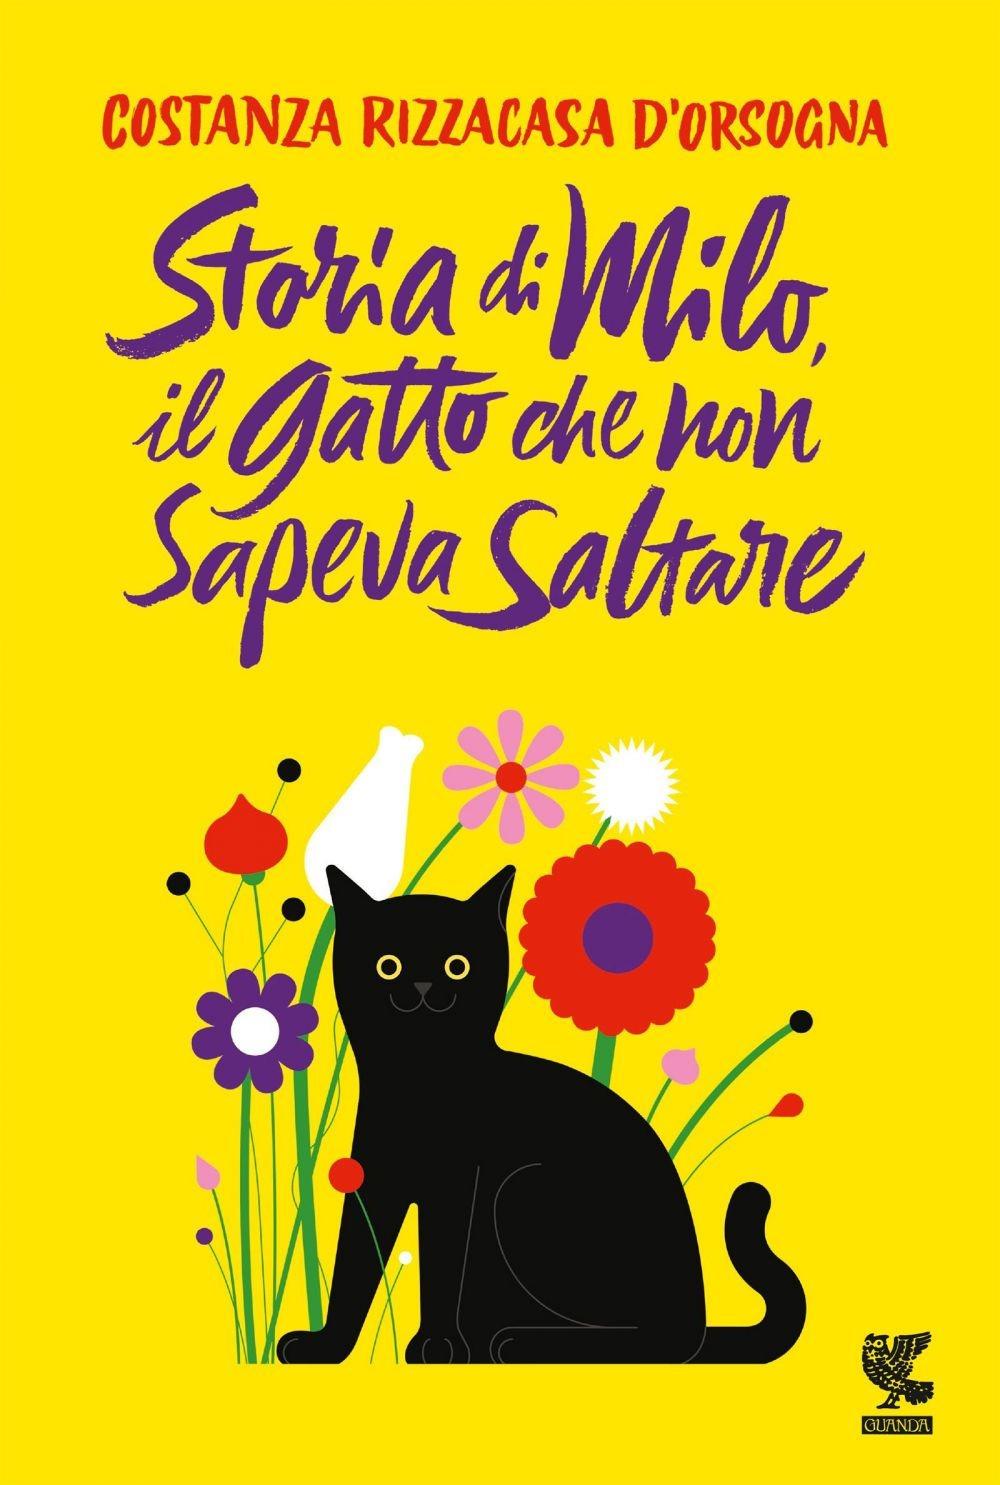 Recensione di Storia di Milo, Il Gatto Che Non Sapeva Saltare – Costanza Rizzacasa D'Orsogna